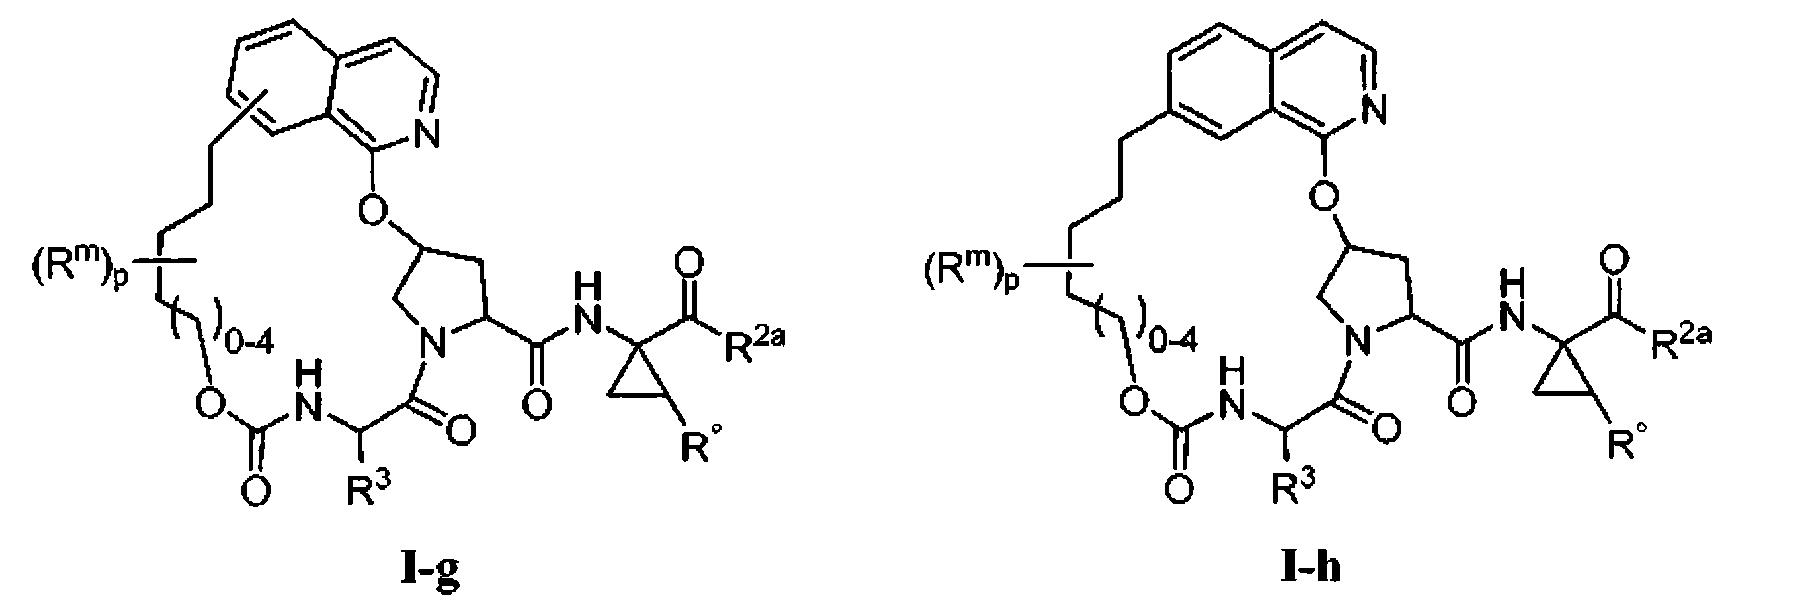 Figure CN101951770BD00831